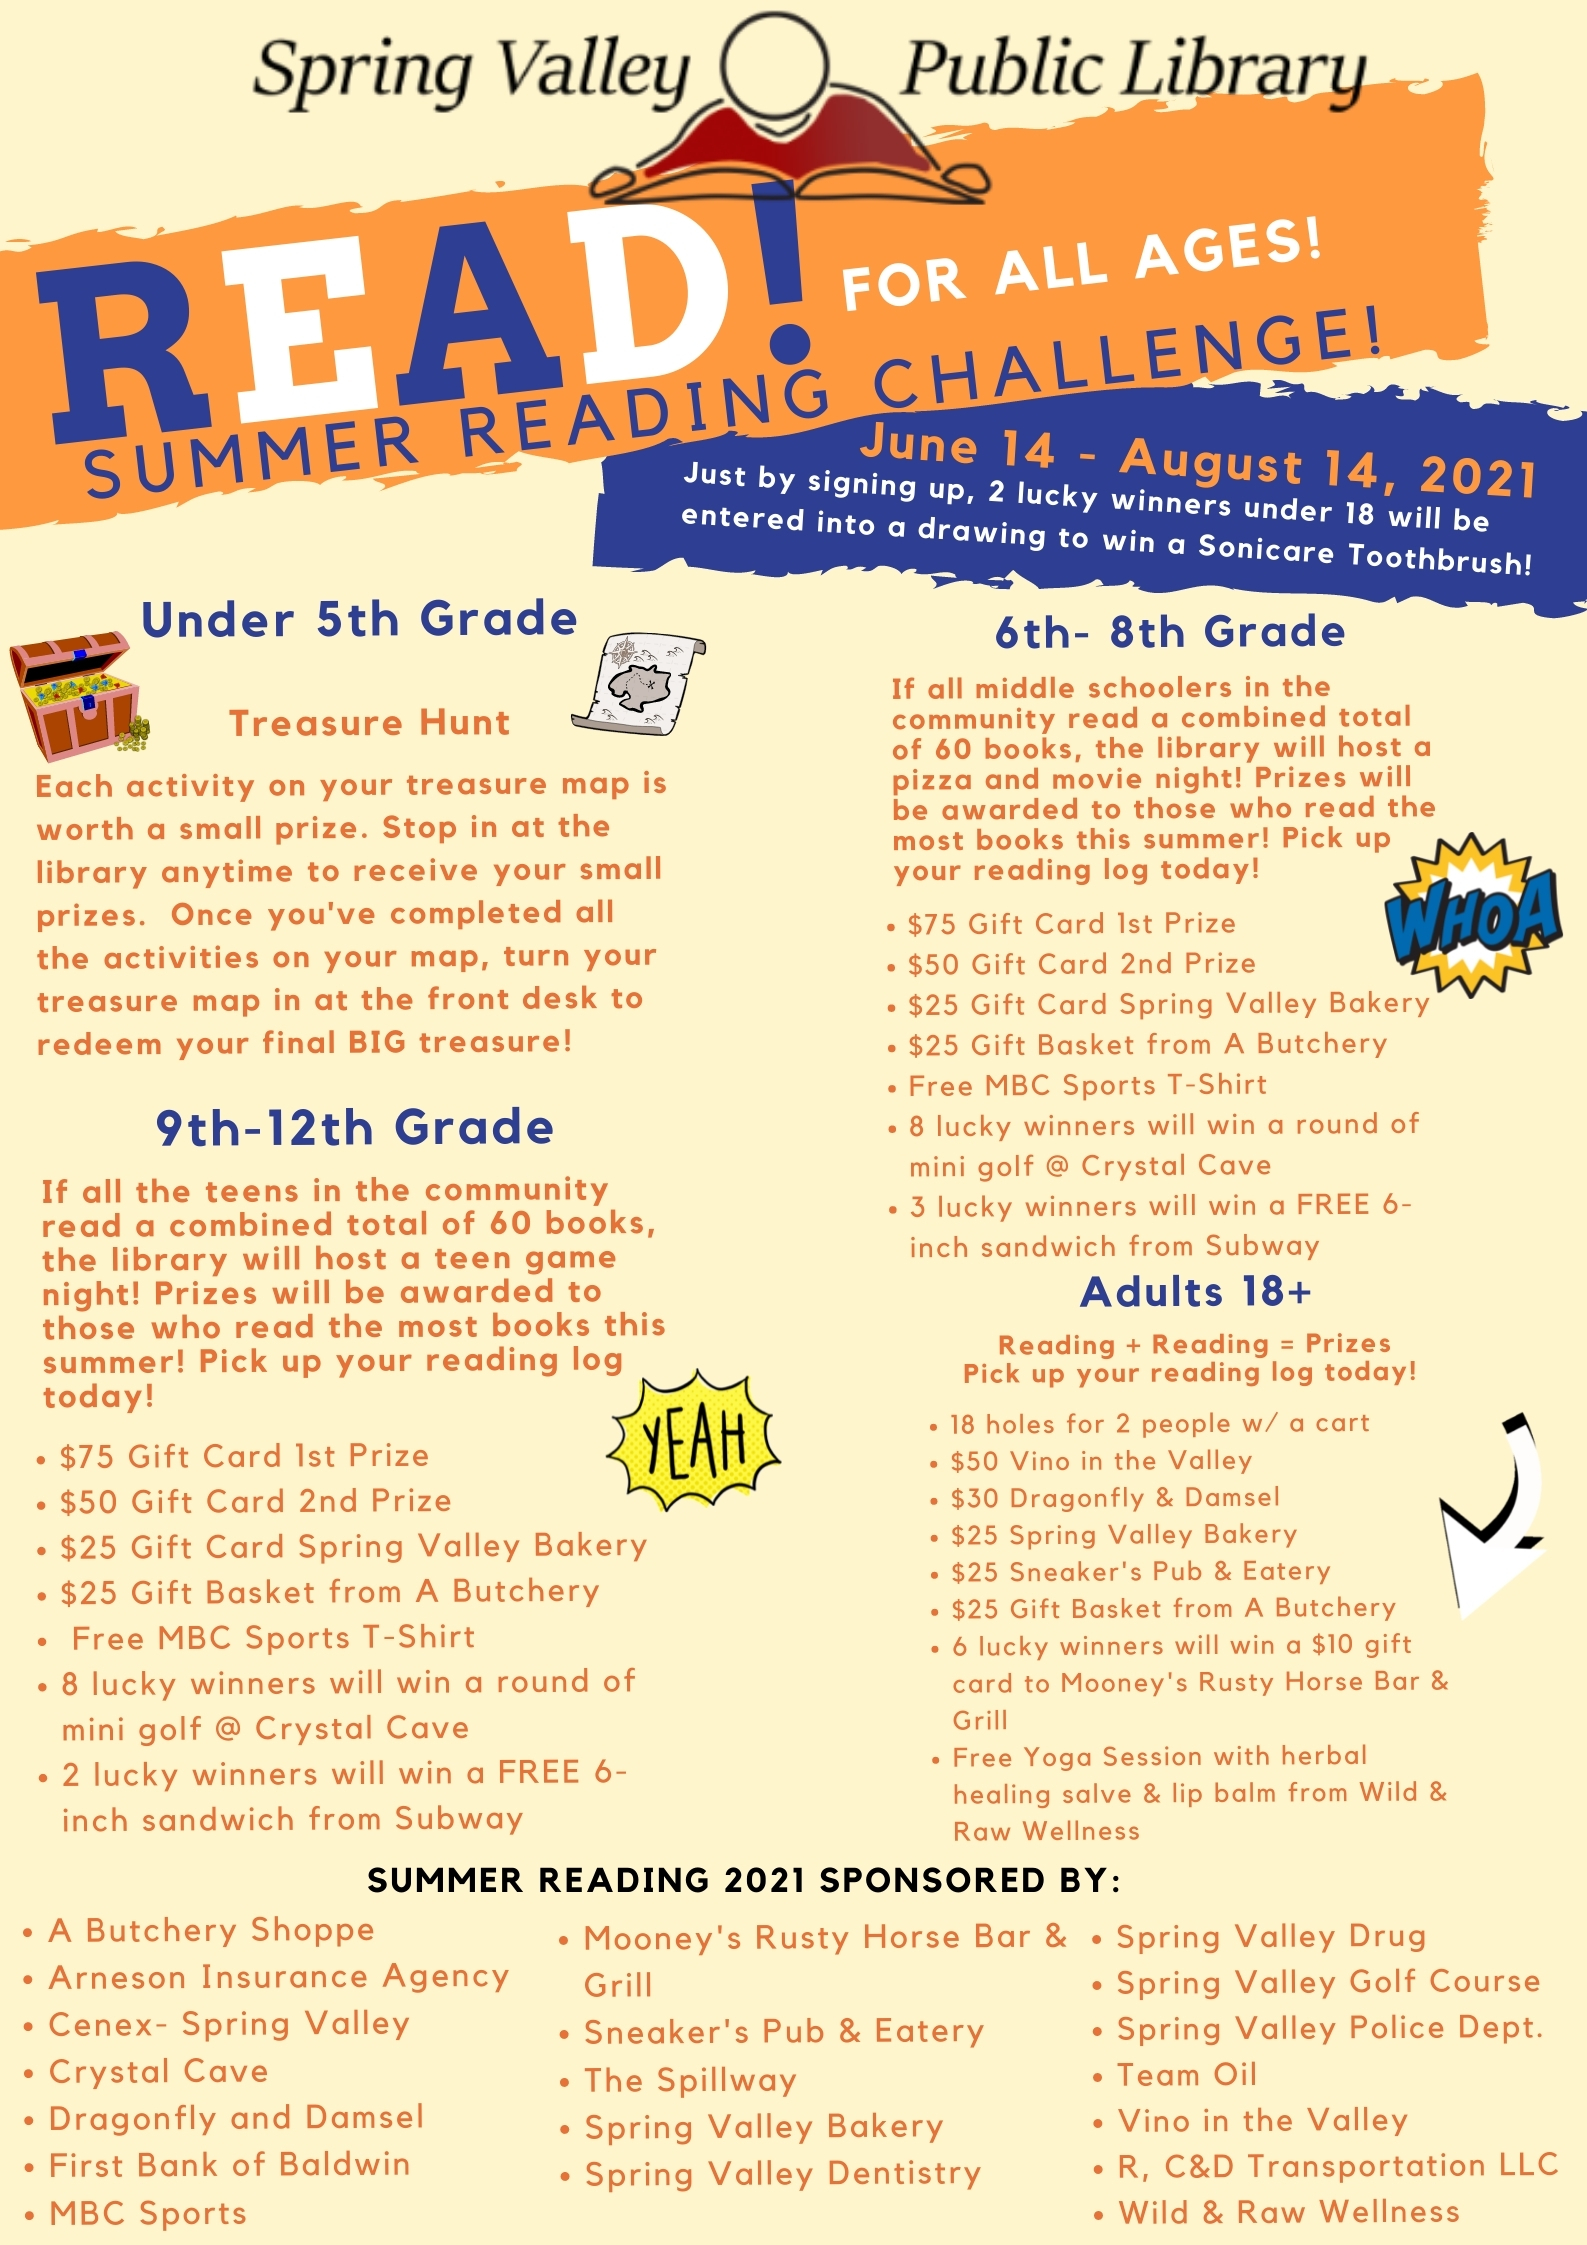 Spring Valley Summer Reading Description 2021